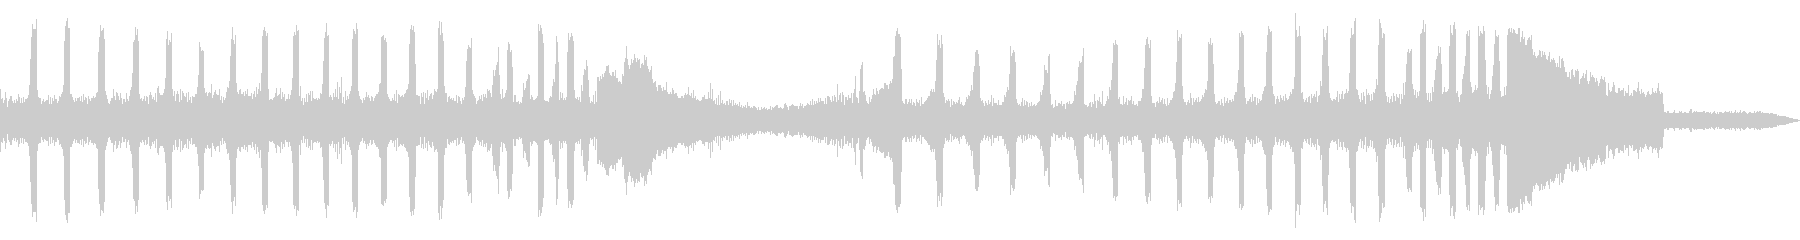 ツクツクボウシの鳴き声(近距離で合唱)の未再生の波形